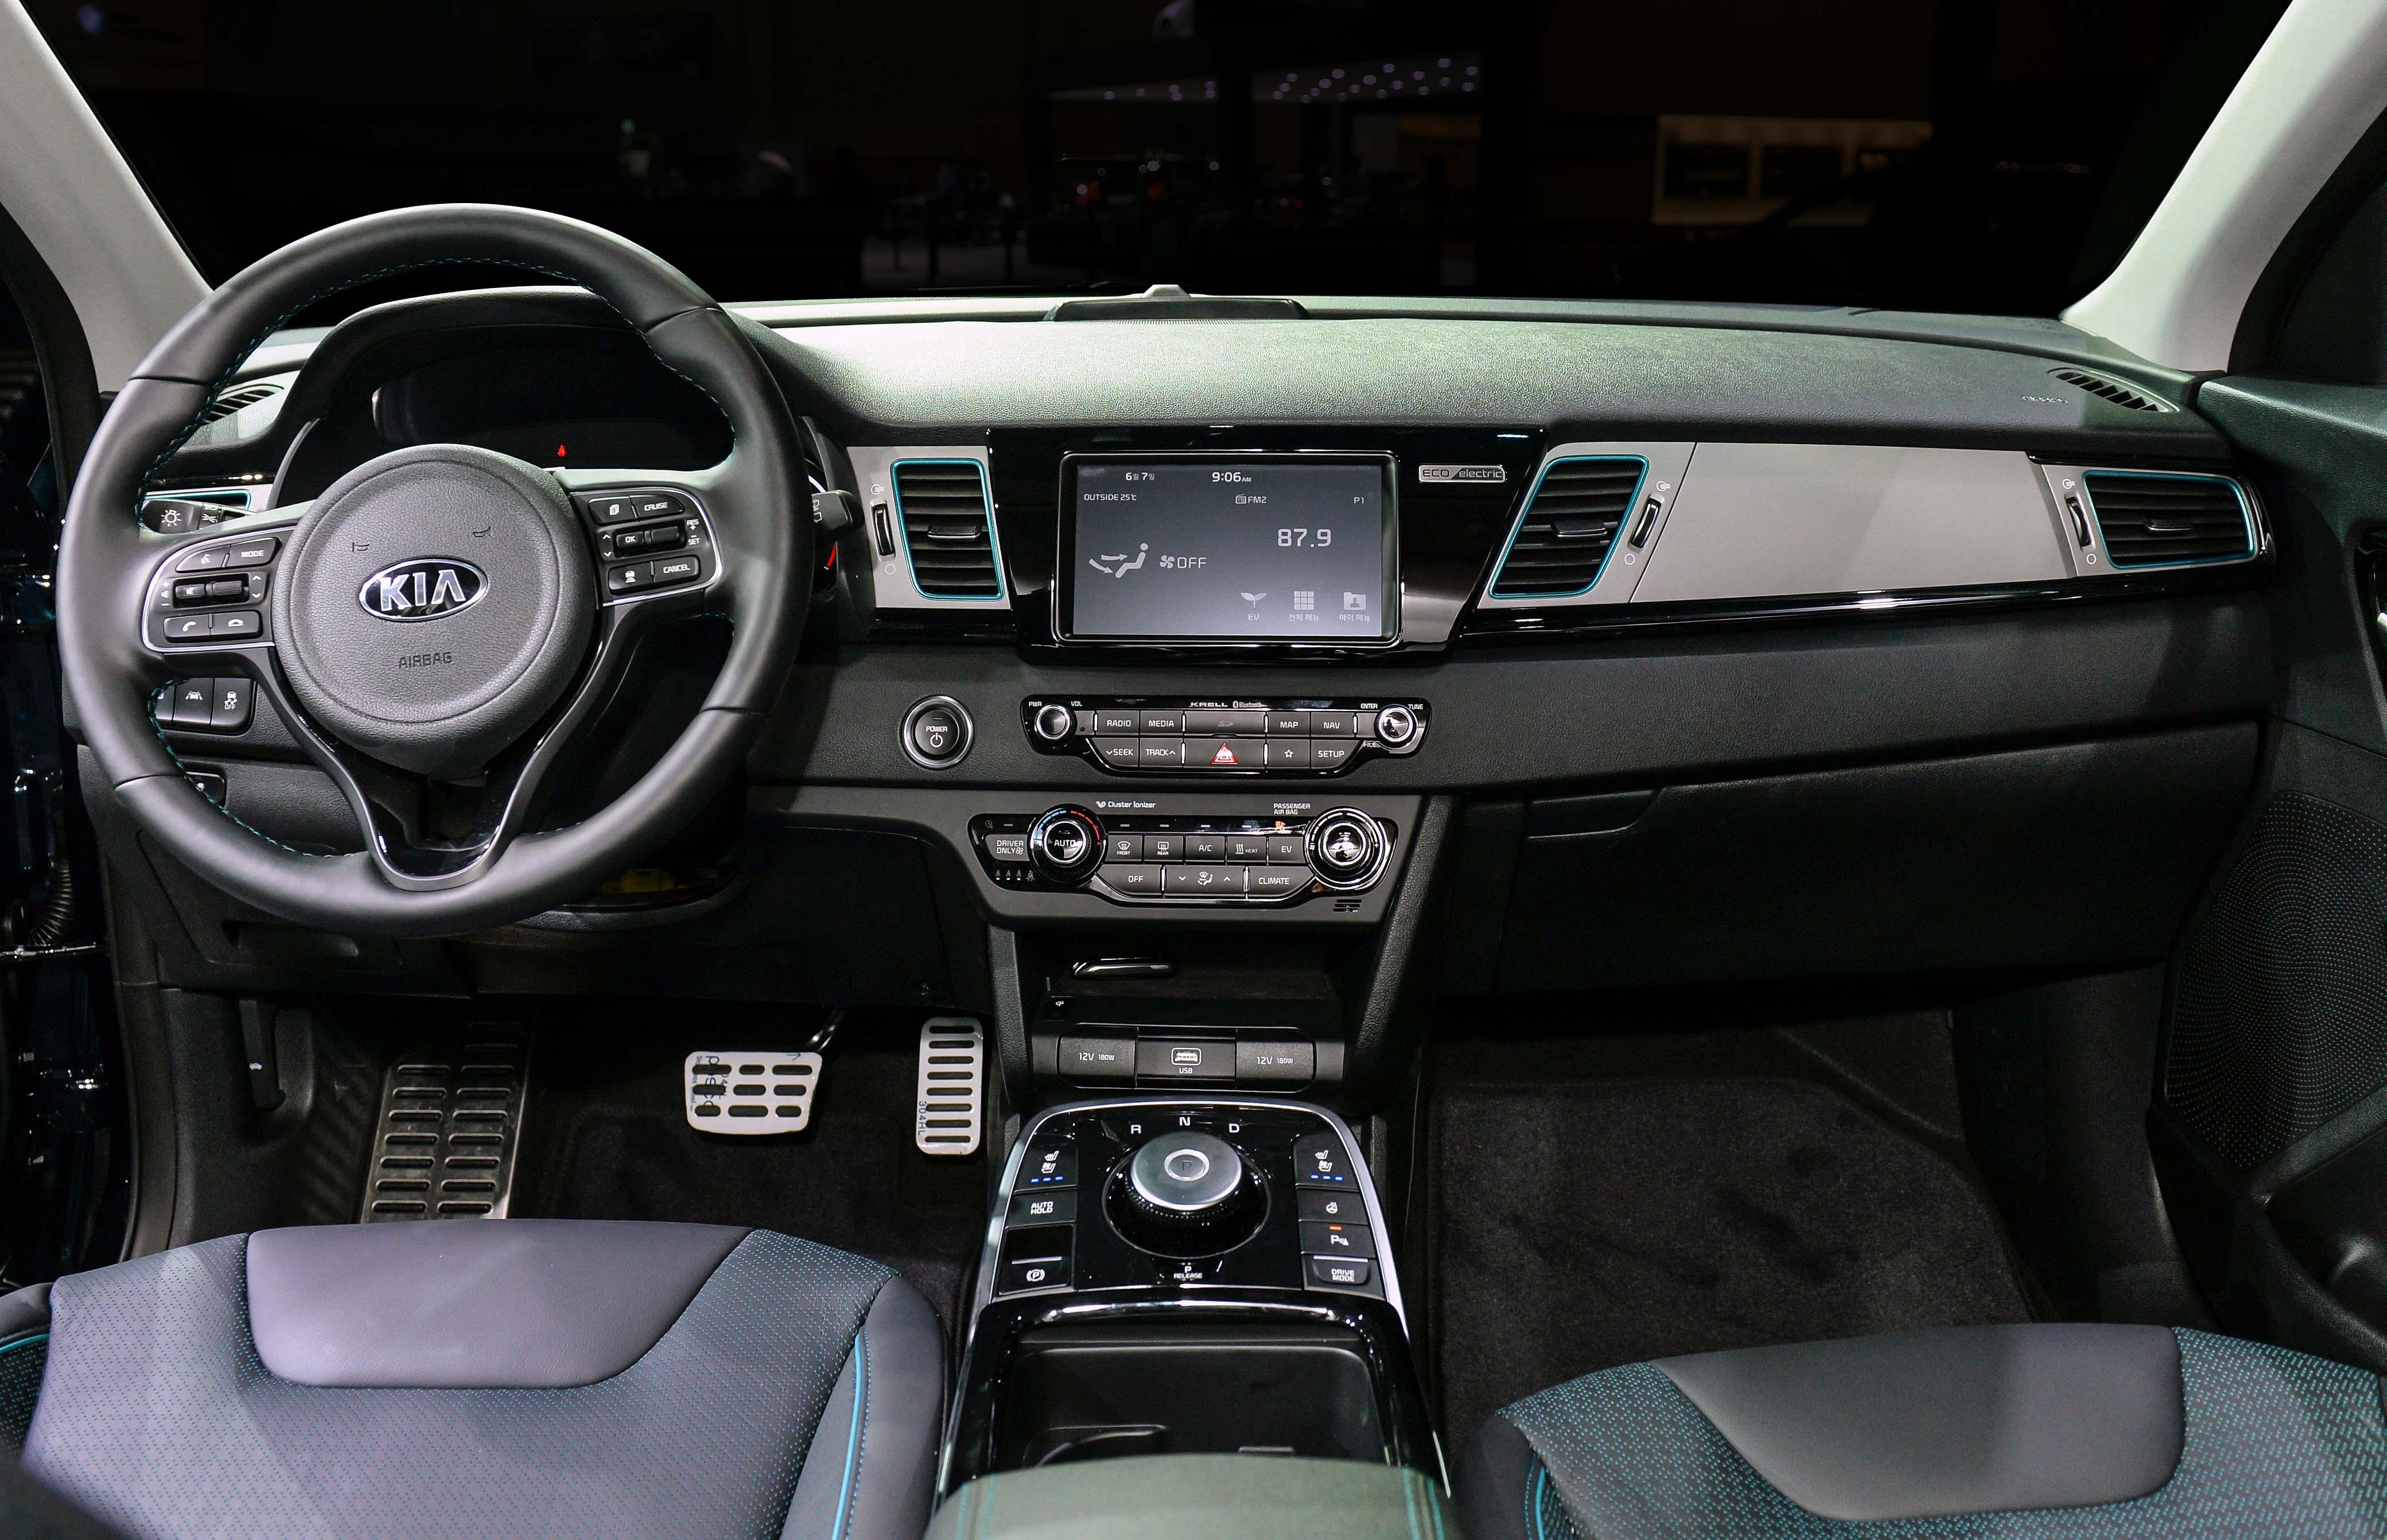 Crossover Kia NIRO EV, E-Mobilität mit wenig Kompromissen! » Kia Niro EV Busan Motorshow 5